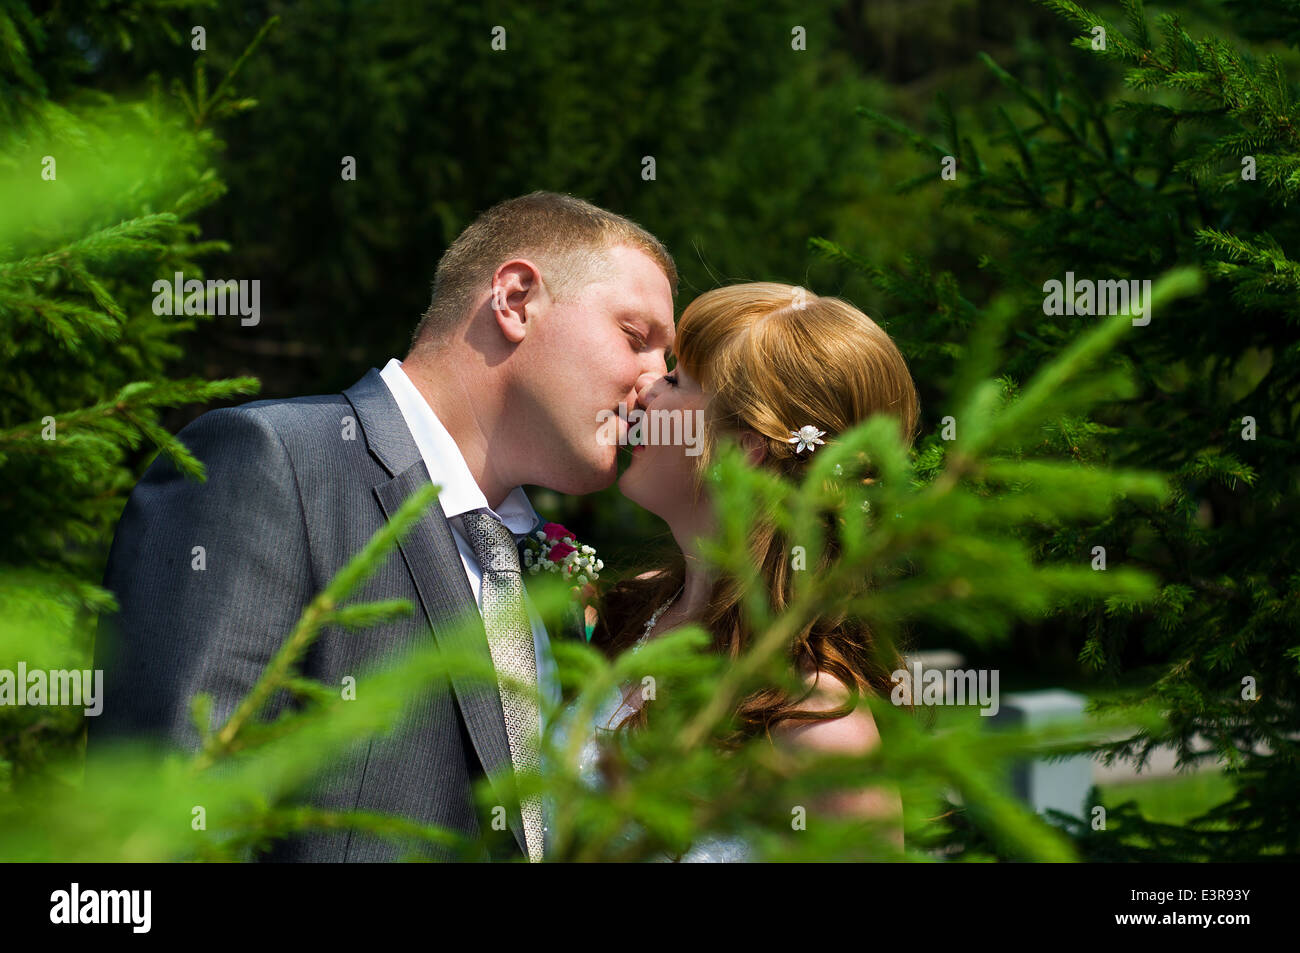 Rote Haare Europaische Hochzeit Paar Ist Kussen Im Park Stockfoto